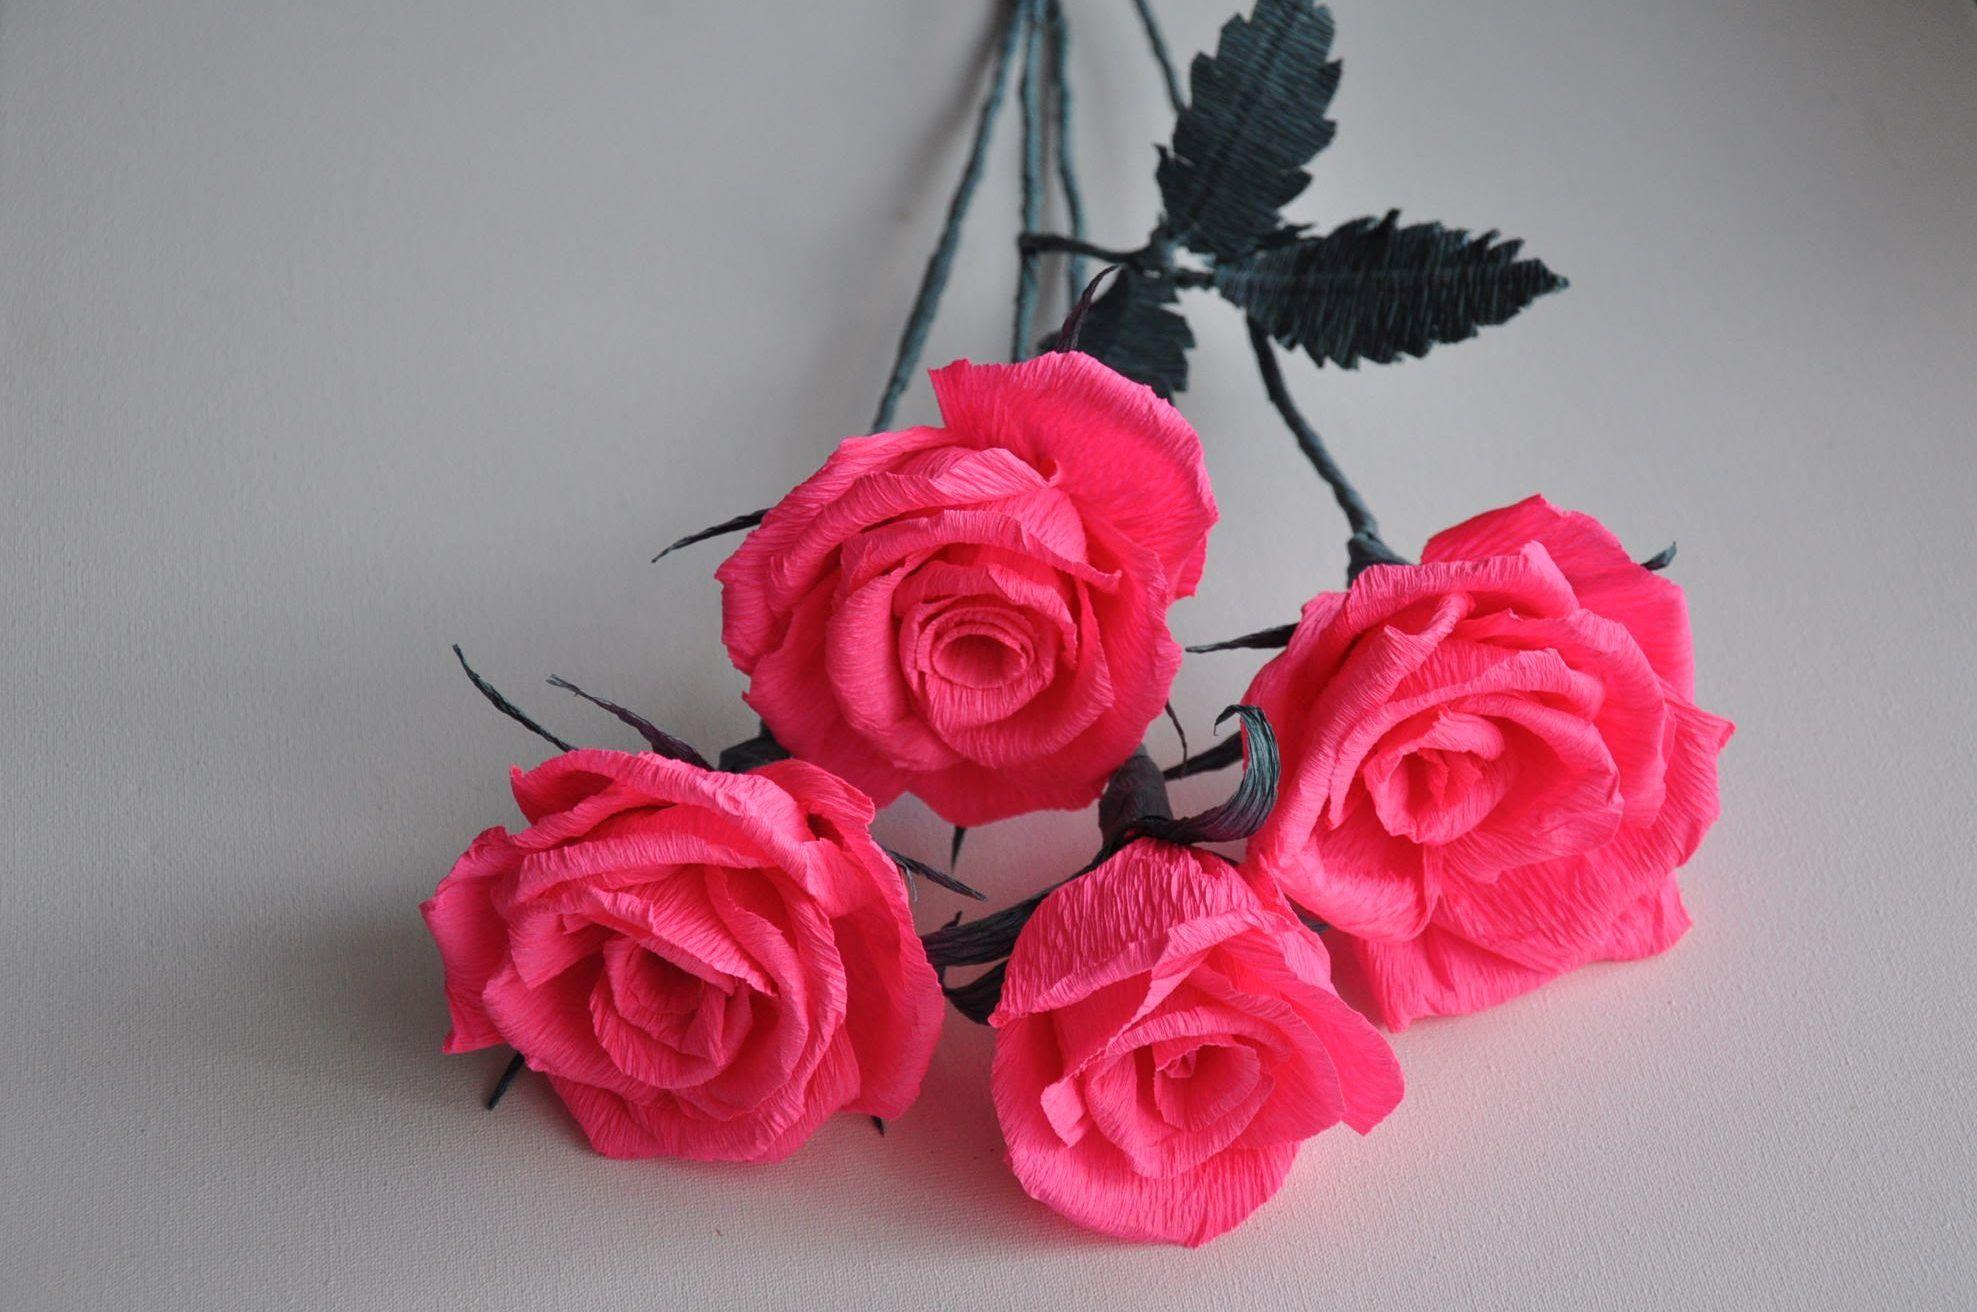 Crepe Paper Rose Step By Step Diy Paper Roses Crepe Paper Roses Paper Flower Tutorial